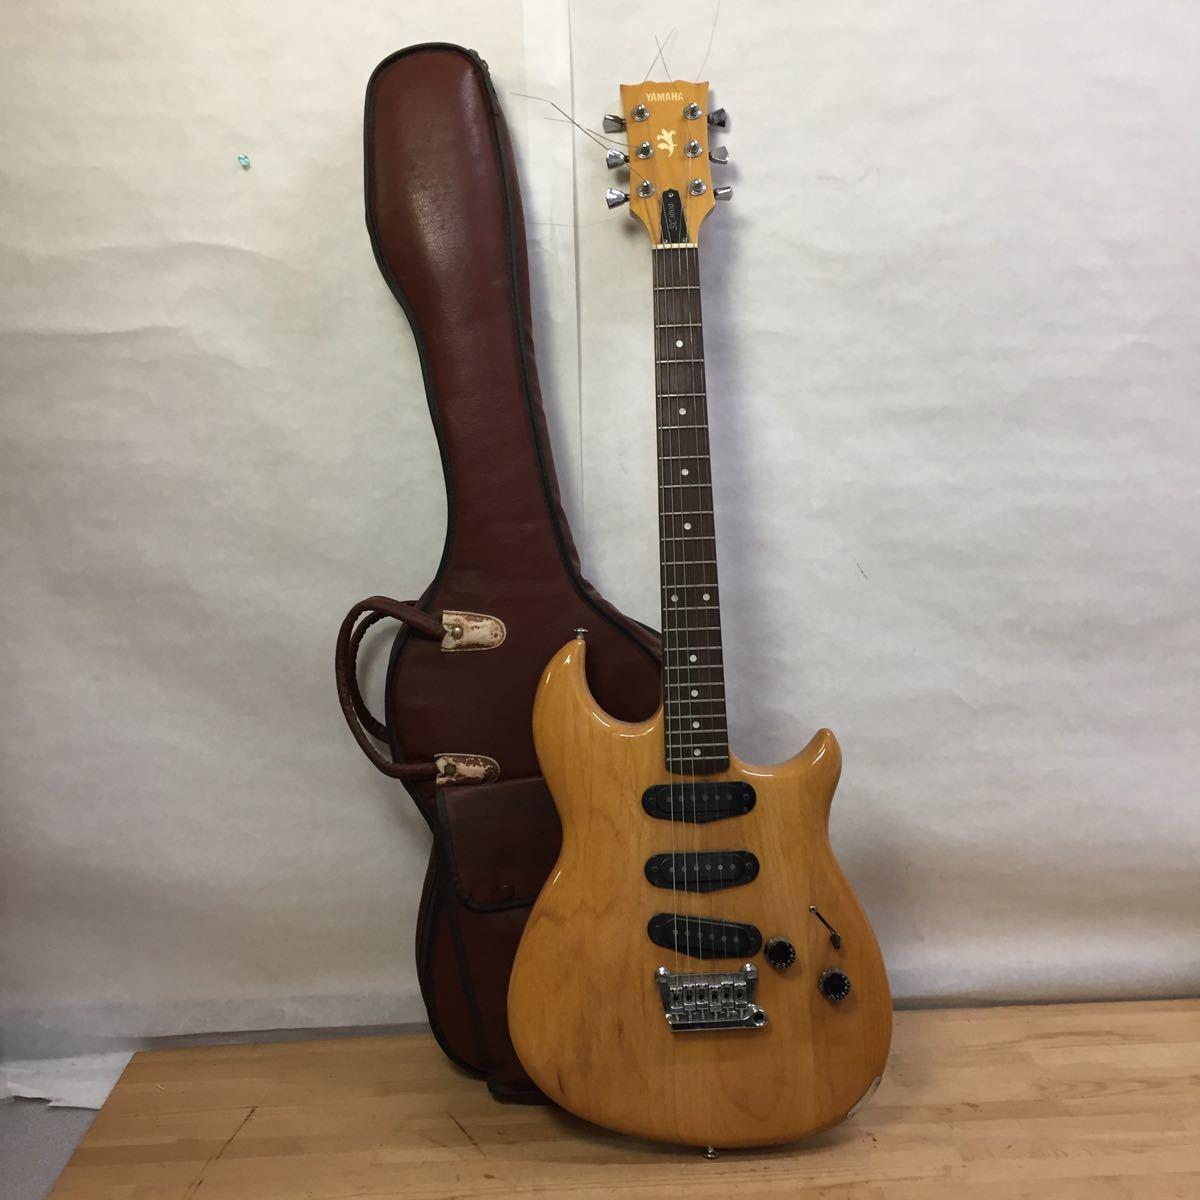 B4897 YAMAHA エレキギター SC3000 ソフトケース付 弦楽器 動作未確認 現状 同梱NG